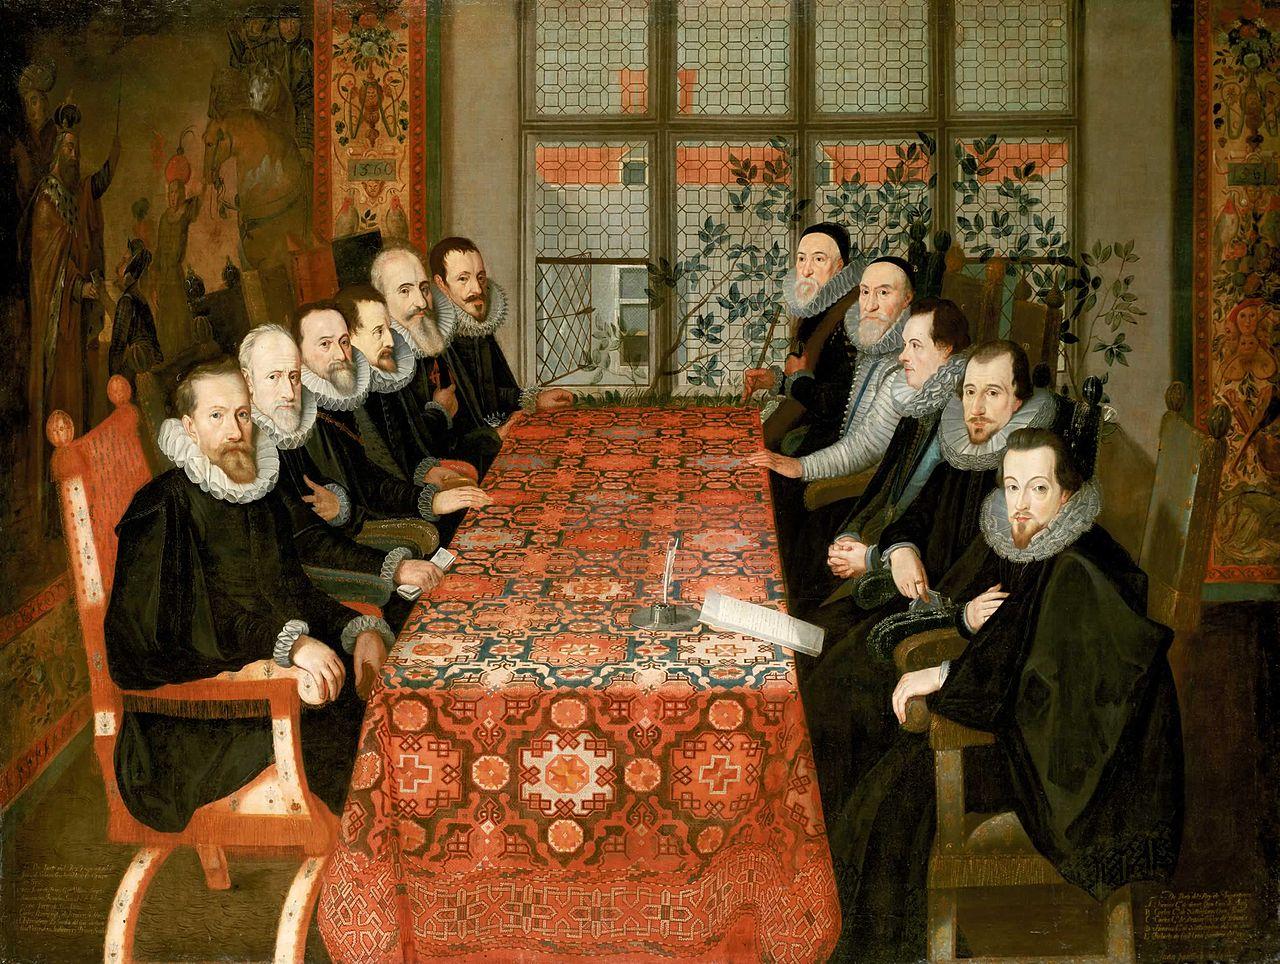 Tostao de Felipe III, Lisboa, dedicado al amigo jaenero 10_CONFERENCIA_SOMERSET